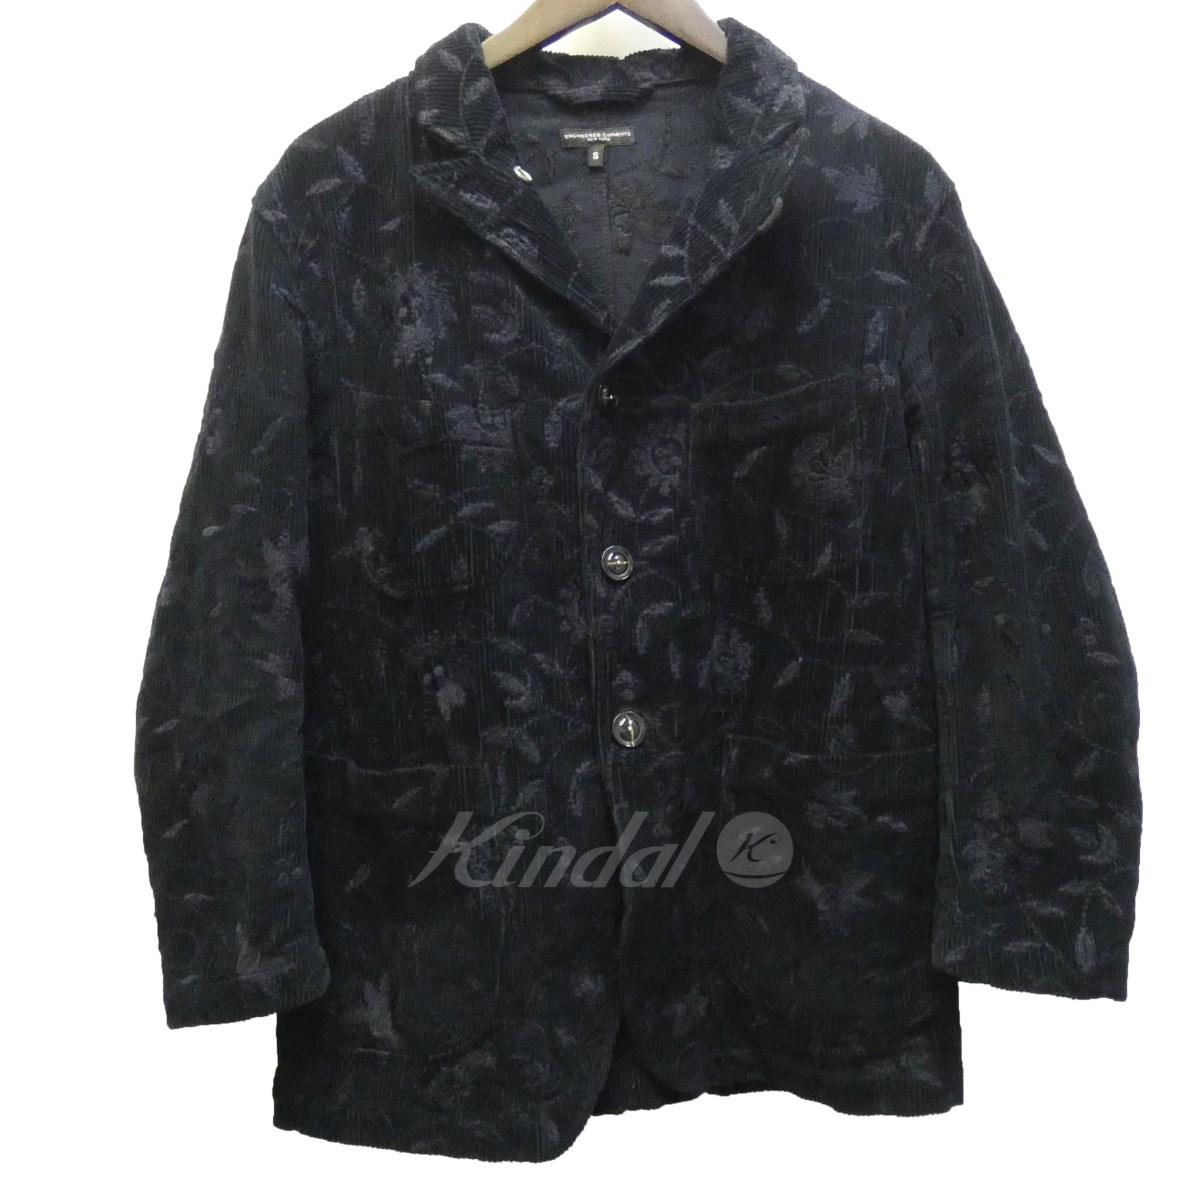 【中古】Engineered Garments 15AW Bedford Jacket-Floral Emb. Corduroy 花柄刺?ジャケット 【送料無料】 【115783】 【KIND1641】